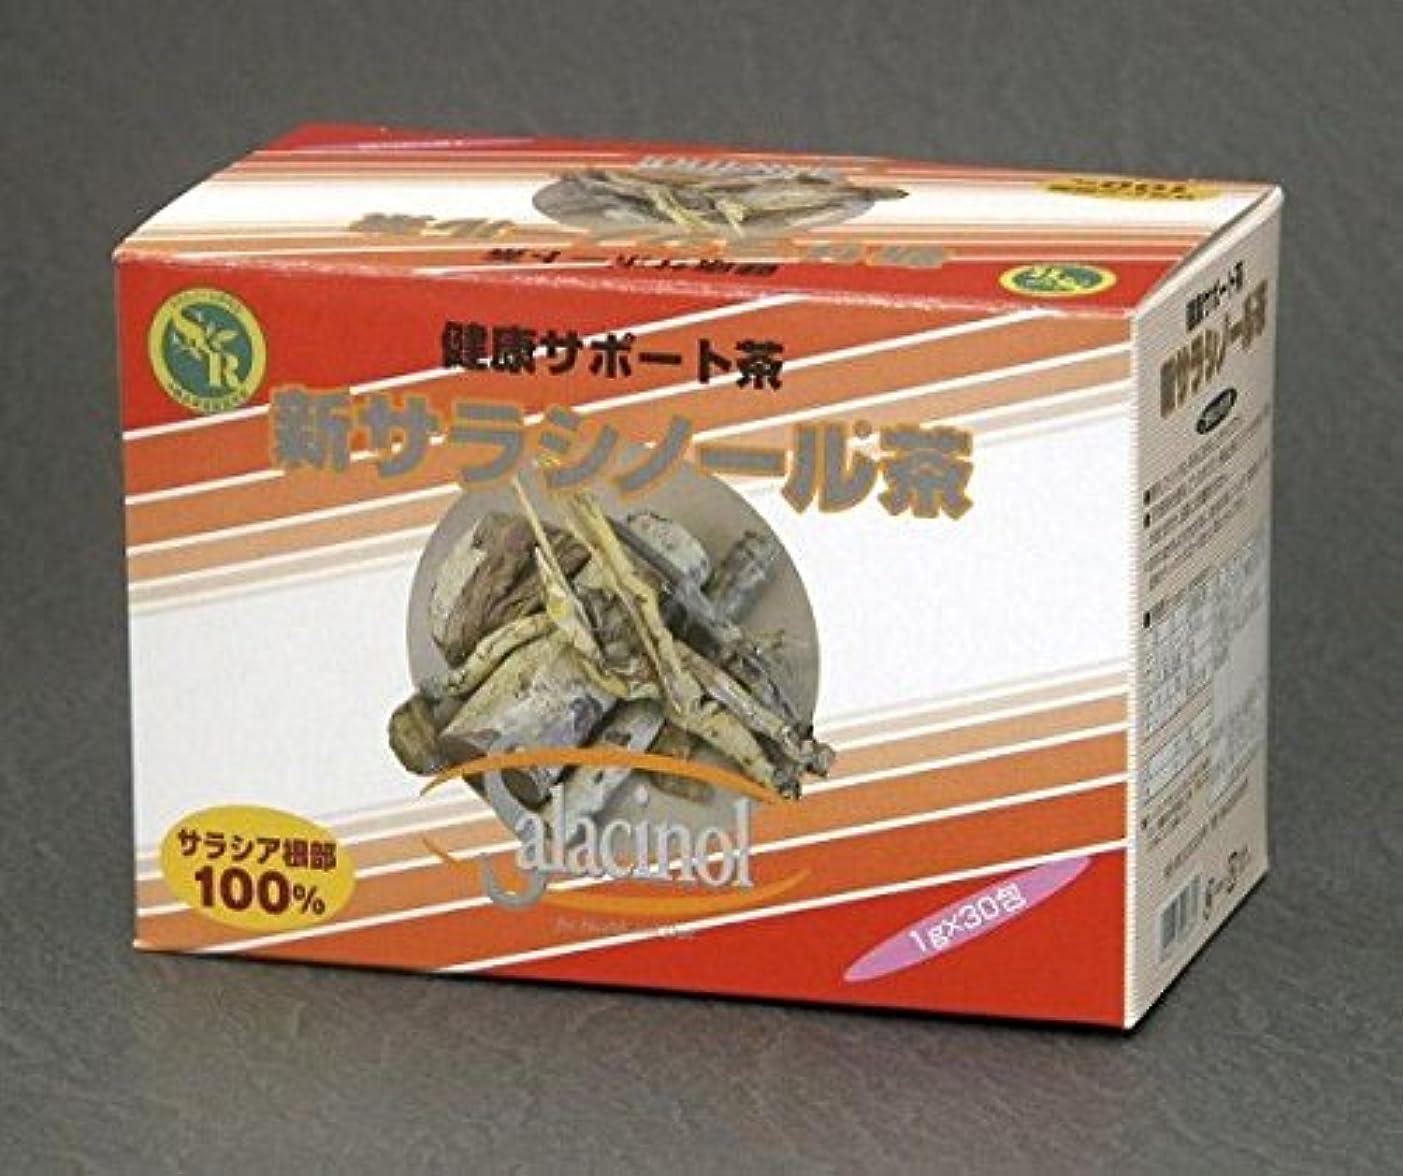 ポータルクリスマスシルク新サラシノール茶 1×30包